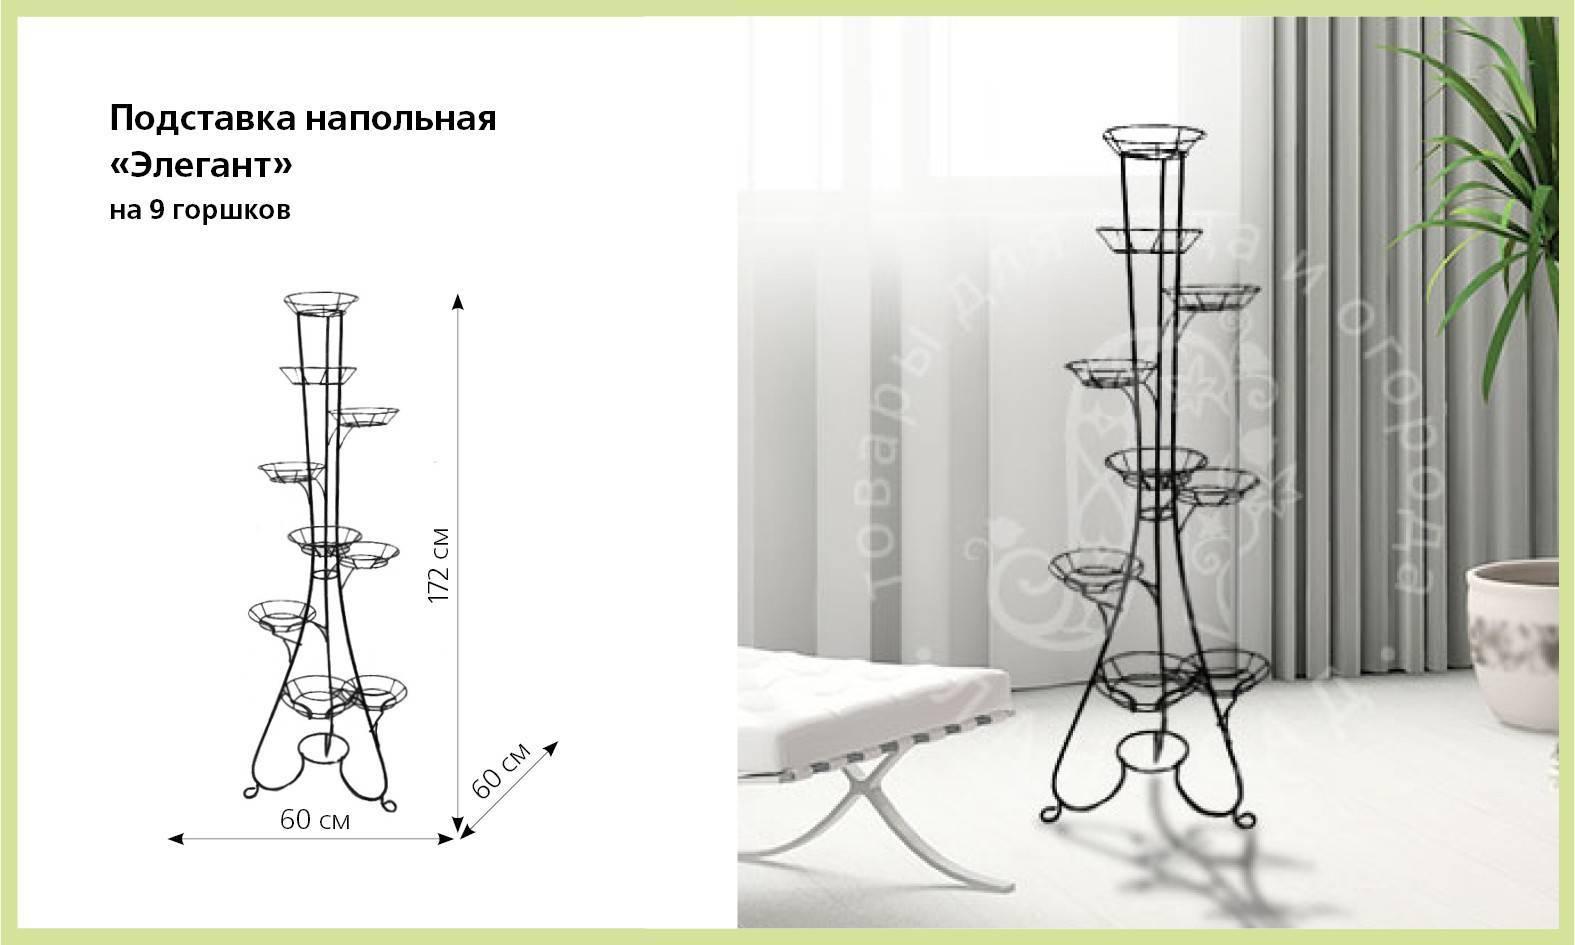 Подставка из дерева для цветов своими руками (34 фото): как сделать напольную деревянную подставку на подоконник? советы по изготовлению стойки, чертежи